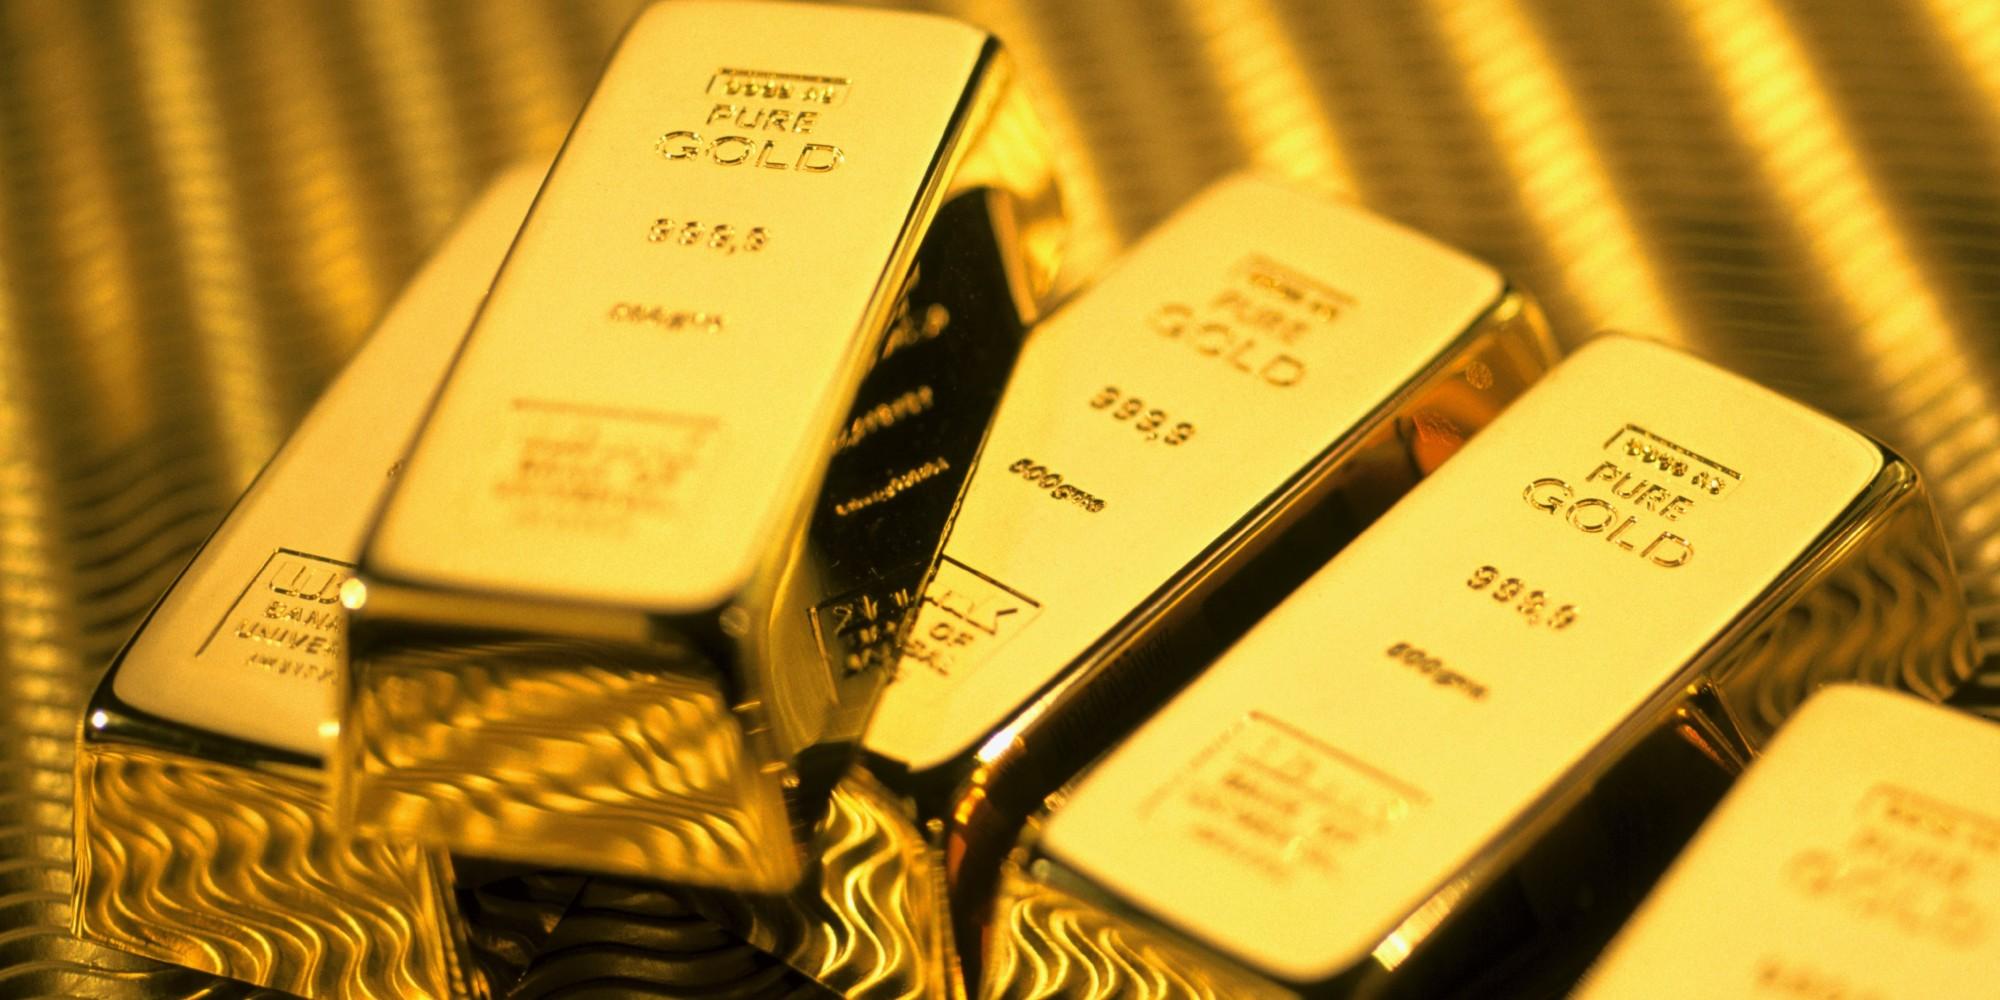 الذهب يبدأ في التعافى بالرغم من مخاوف تصاعد الحرب التجارية